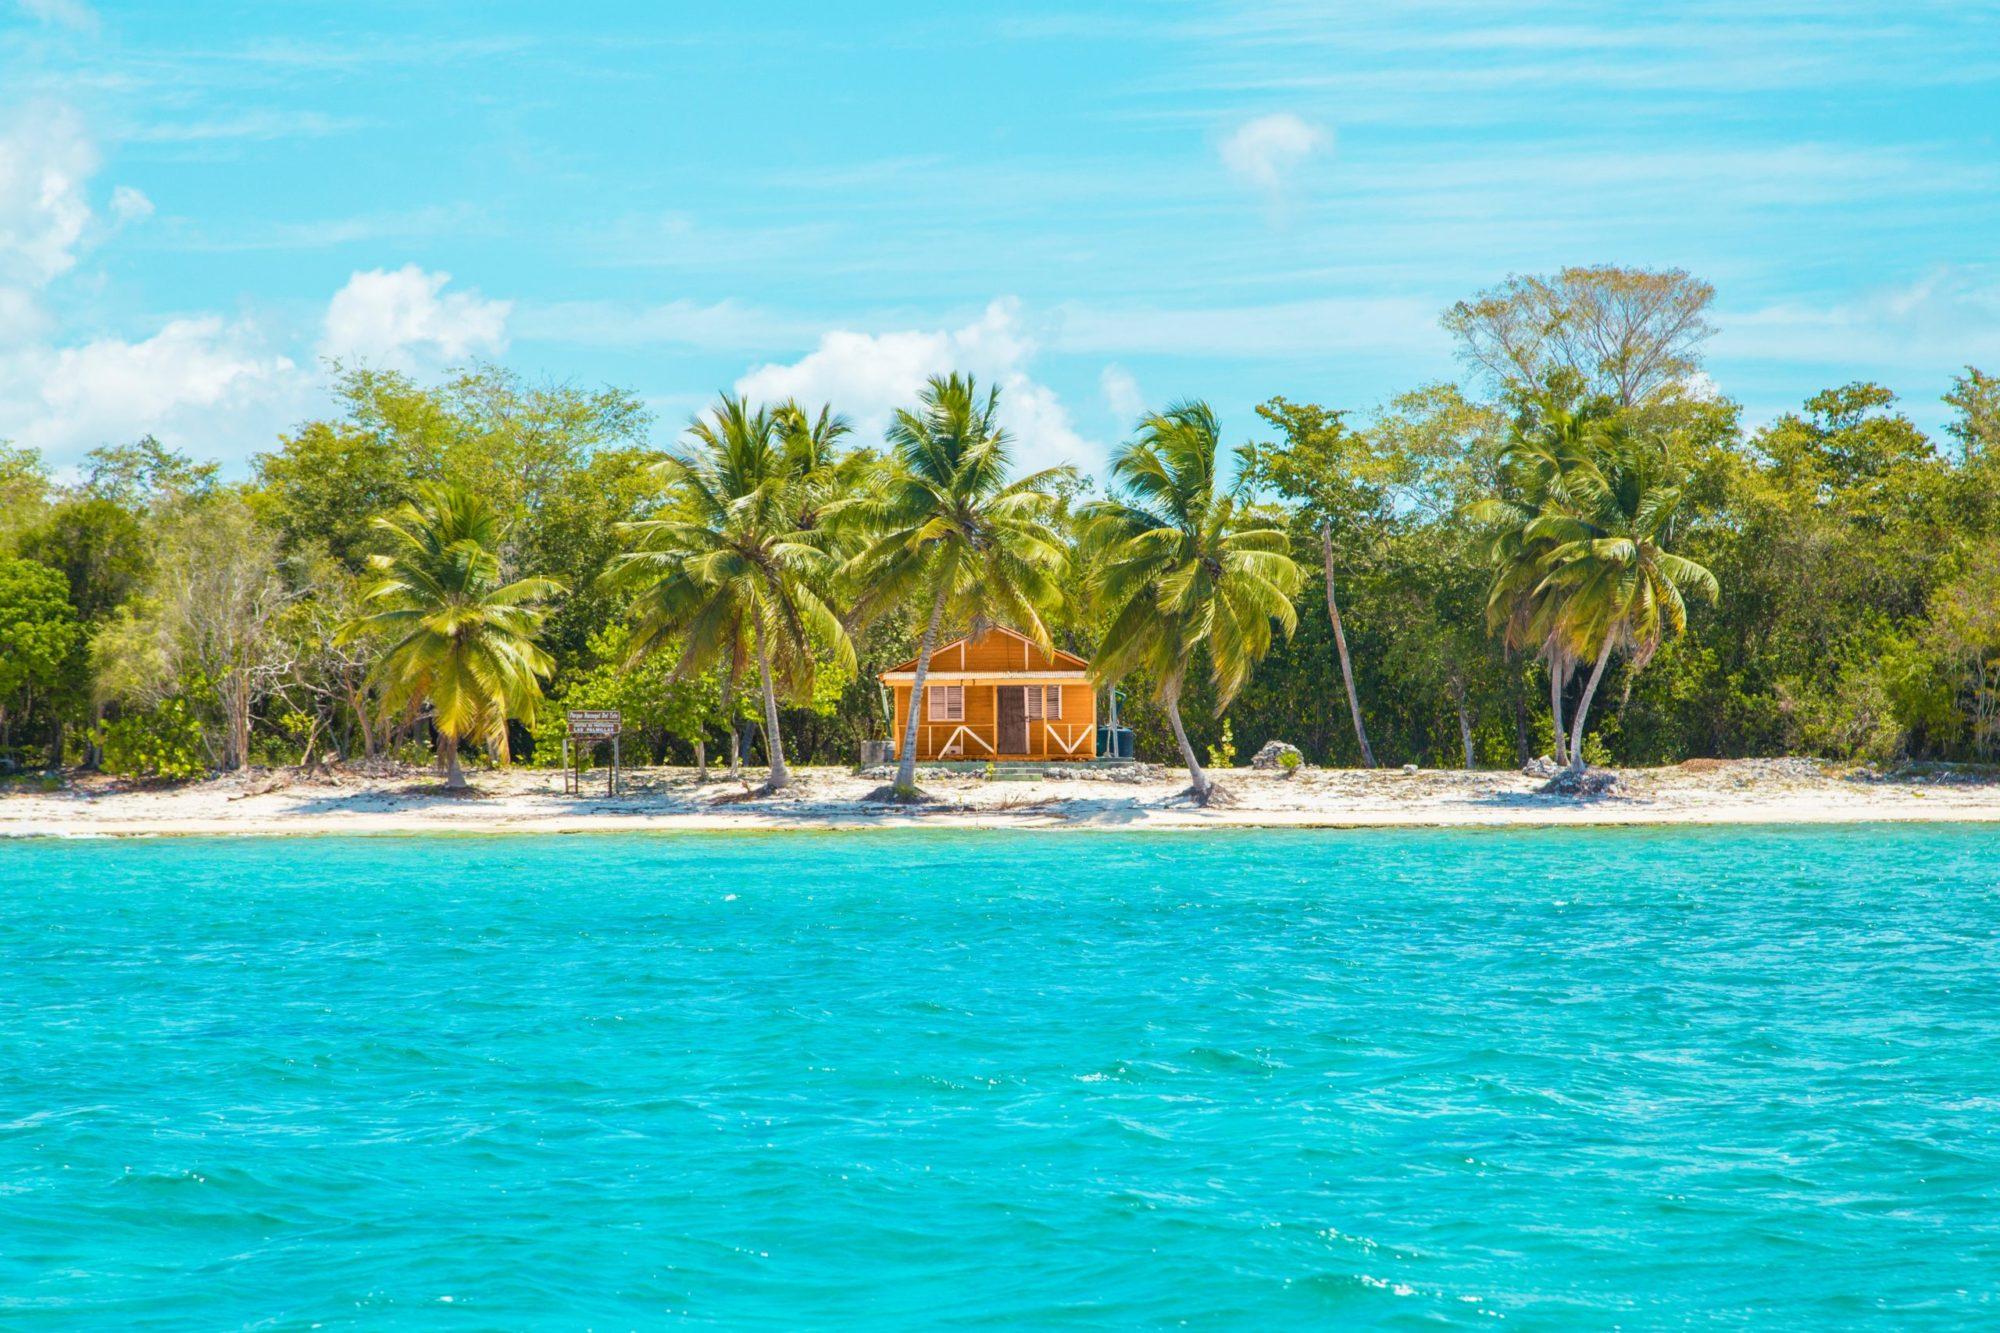 海と椰子の木と小さなキャビン